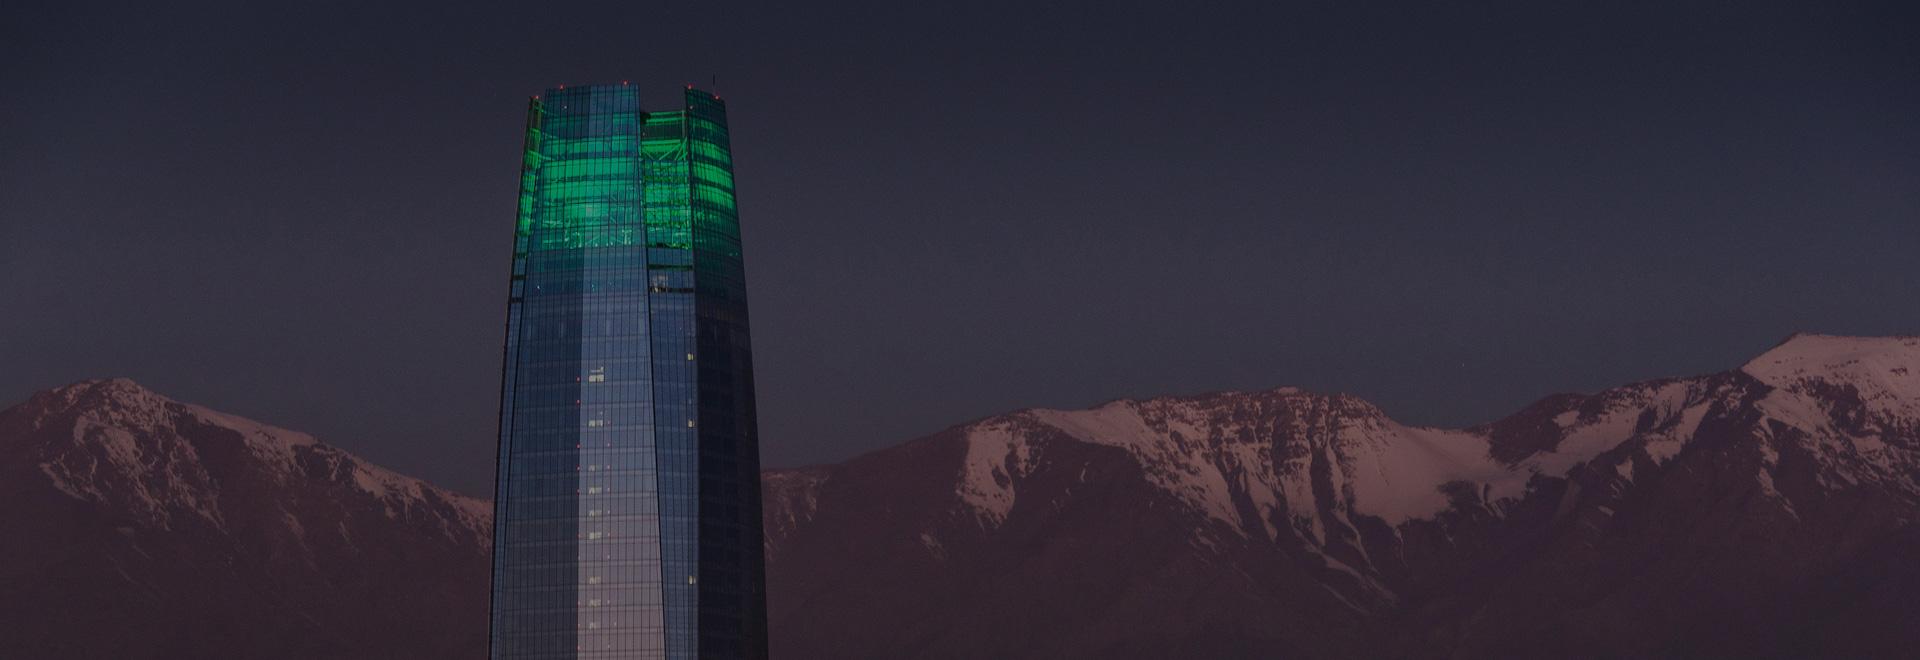 Orientation Meetings - Santiago